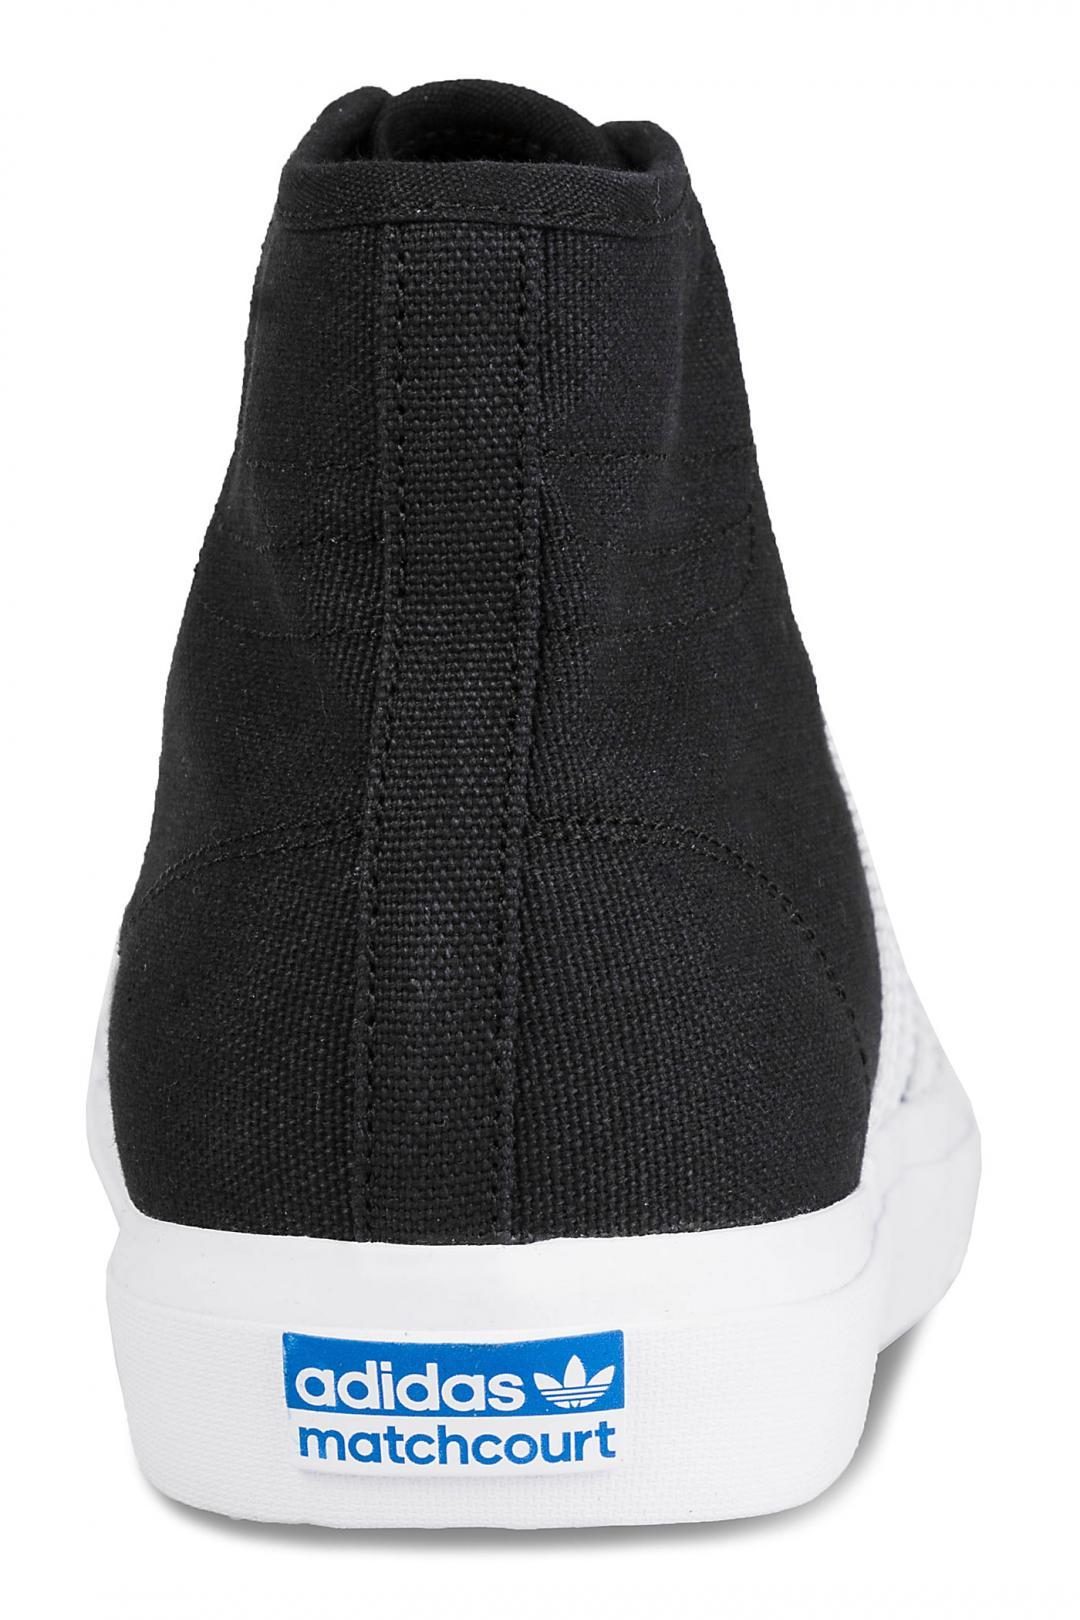 Uomo adidas Skateboarding Matchcourt High RX core black white gum | Scarpe da skate